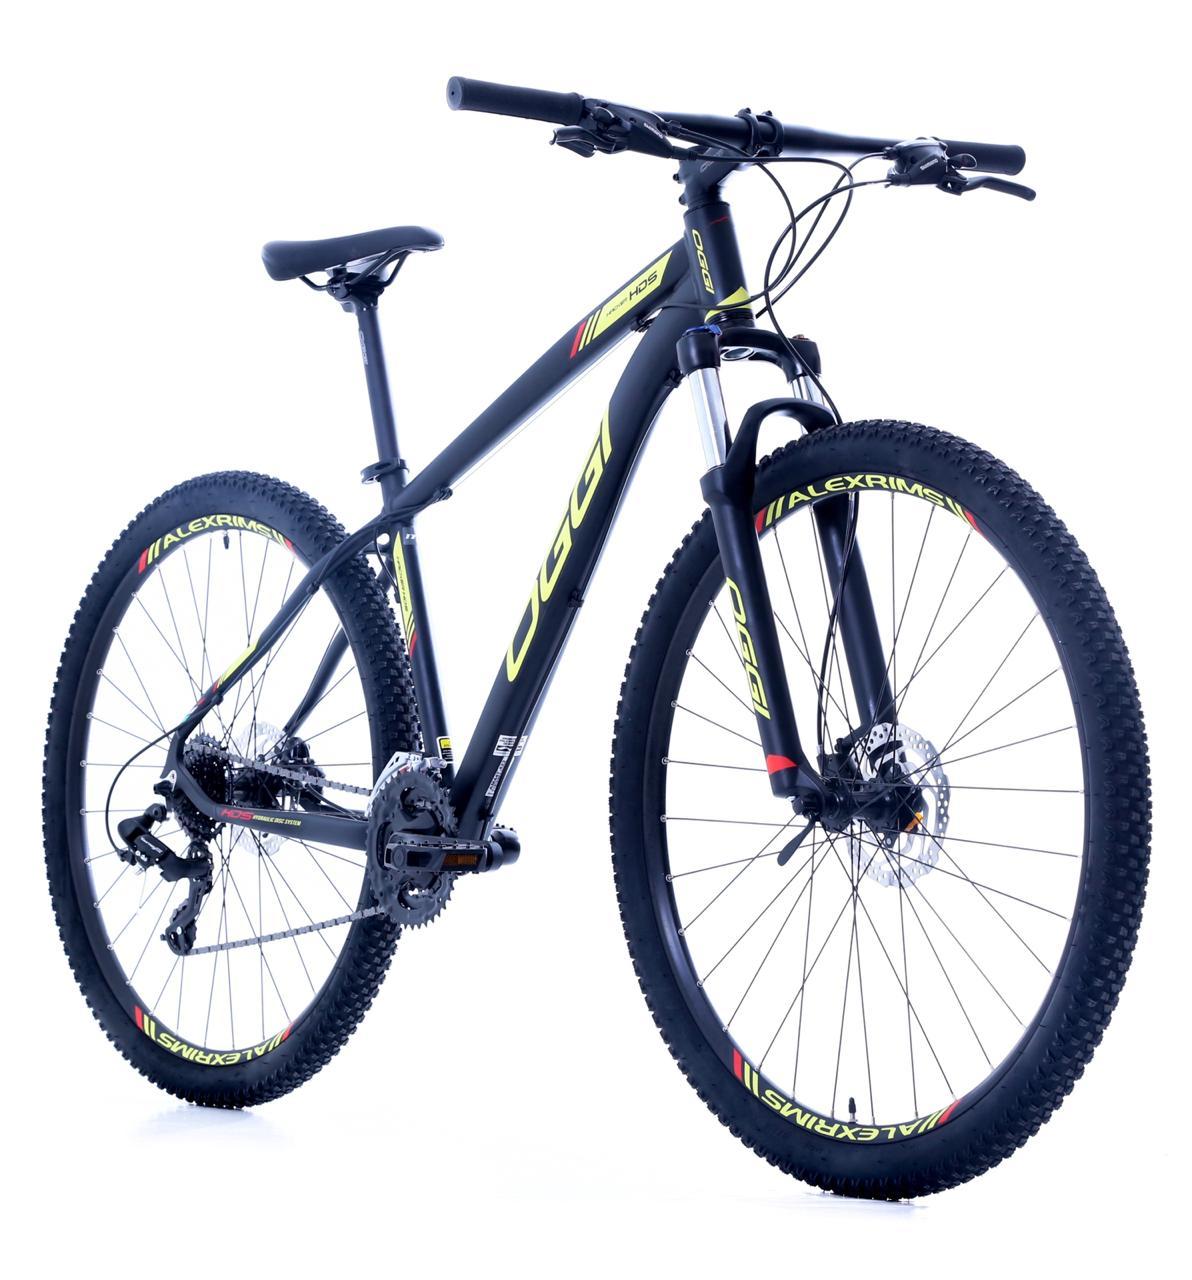 Bicicleta Oggi - Hacker HDS 24v - Preto / Amarelo / Vermelho + Brinde